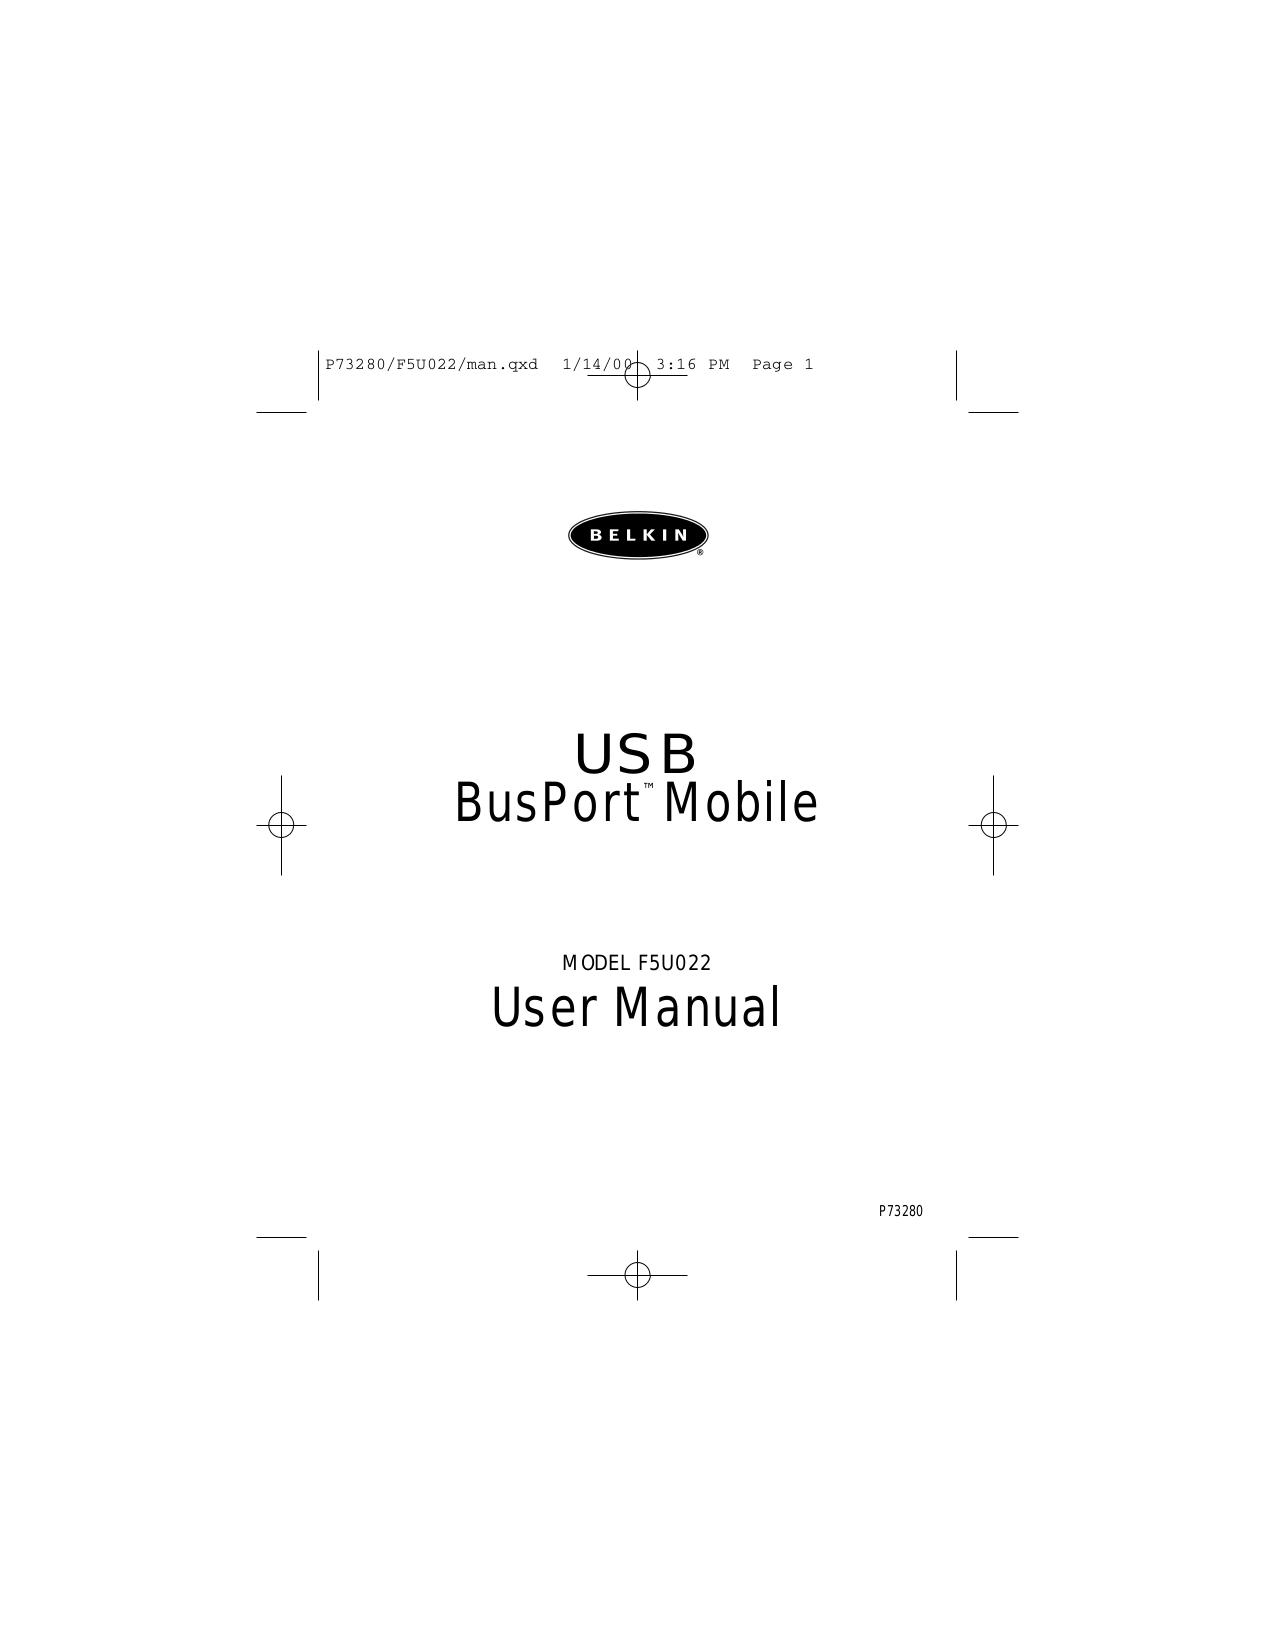 pdf for IBM Laptop ThinkPad i Series 1721 manual